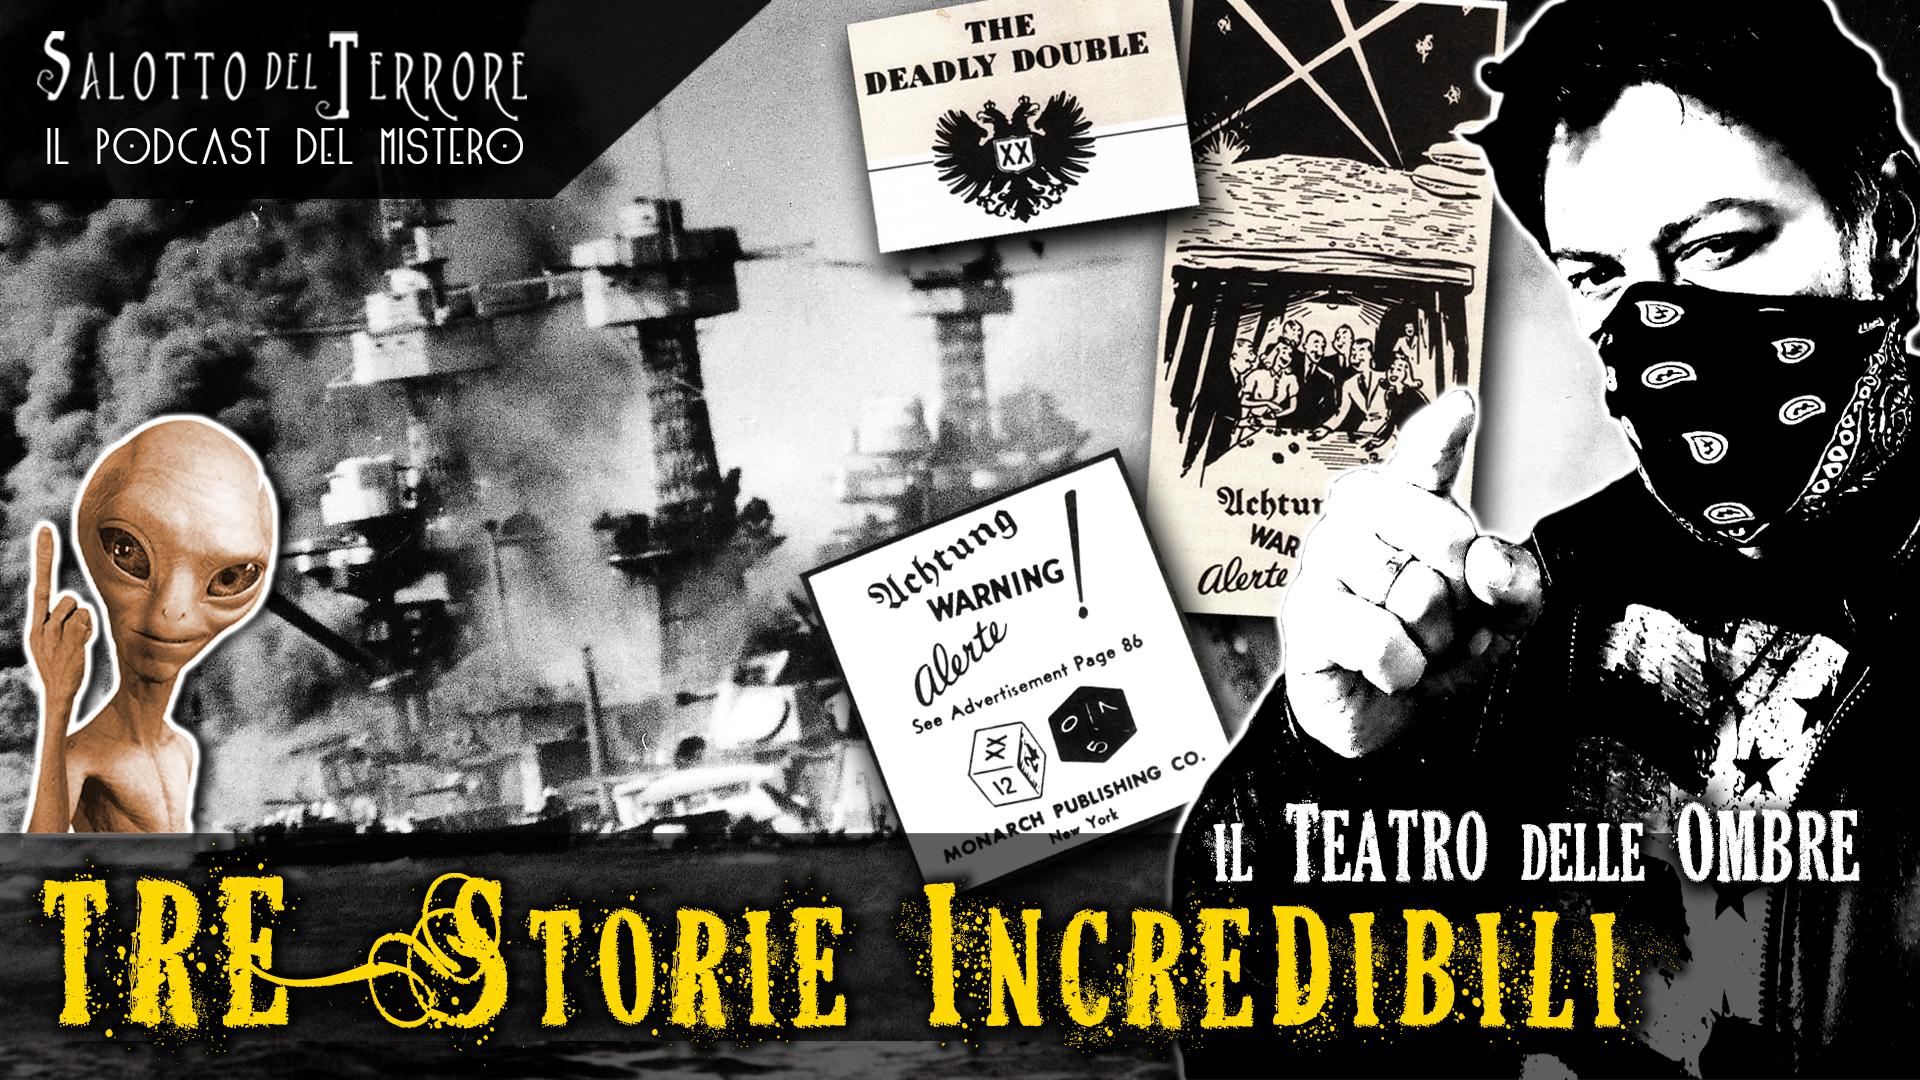 Tre Storie Incredibili - Gente scomparsa, Deadly Double, e alieni molto strani